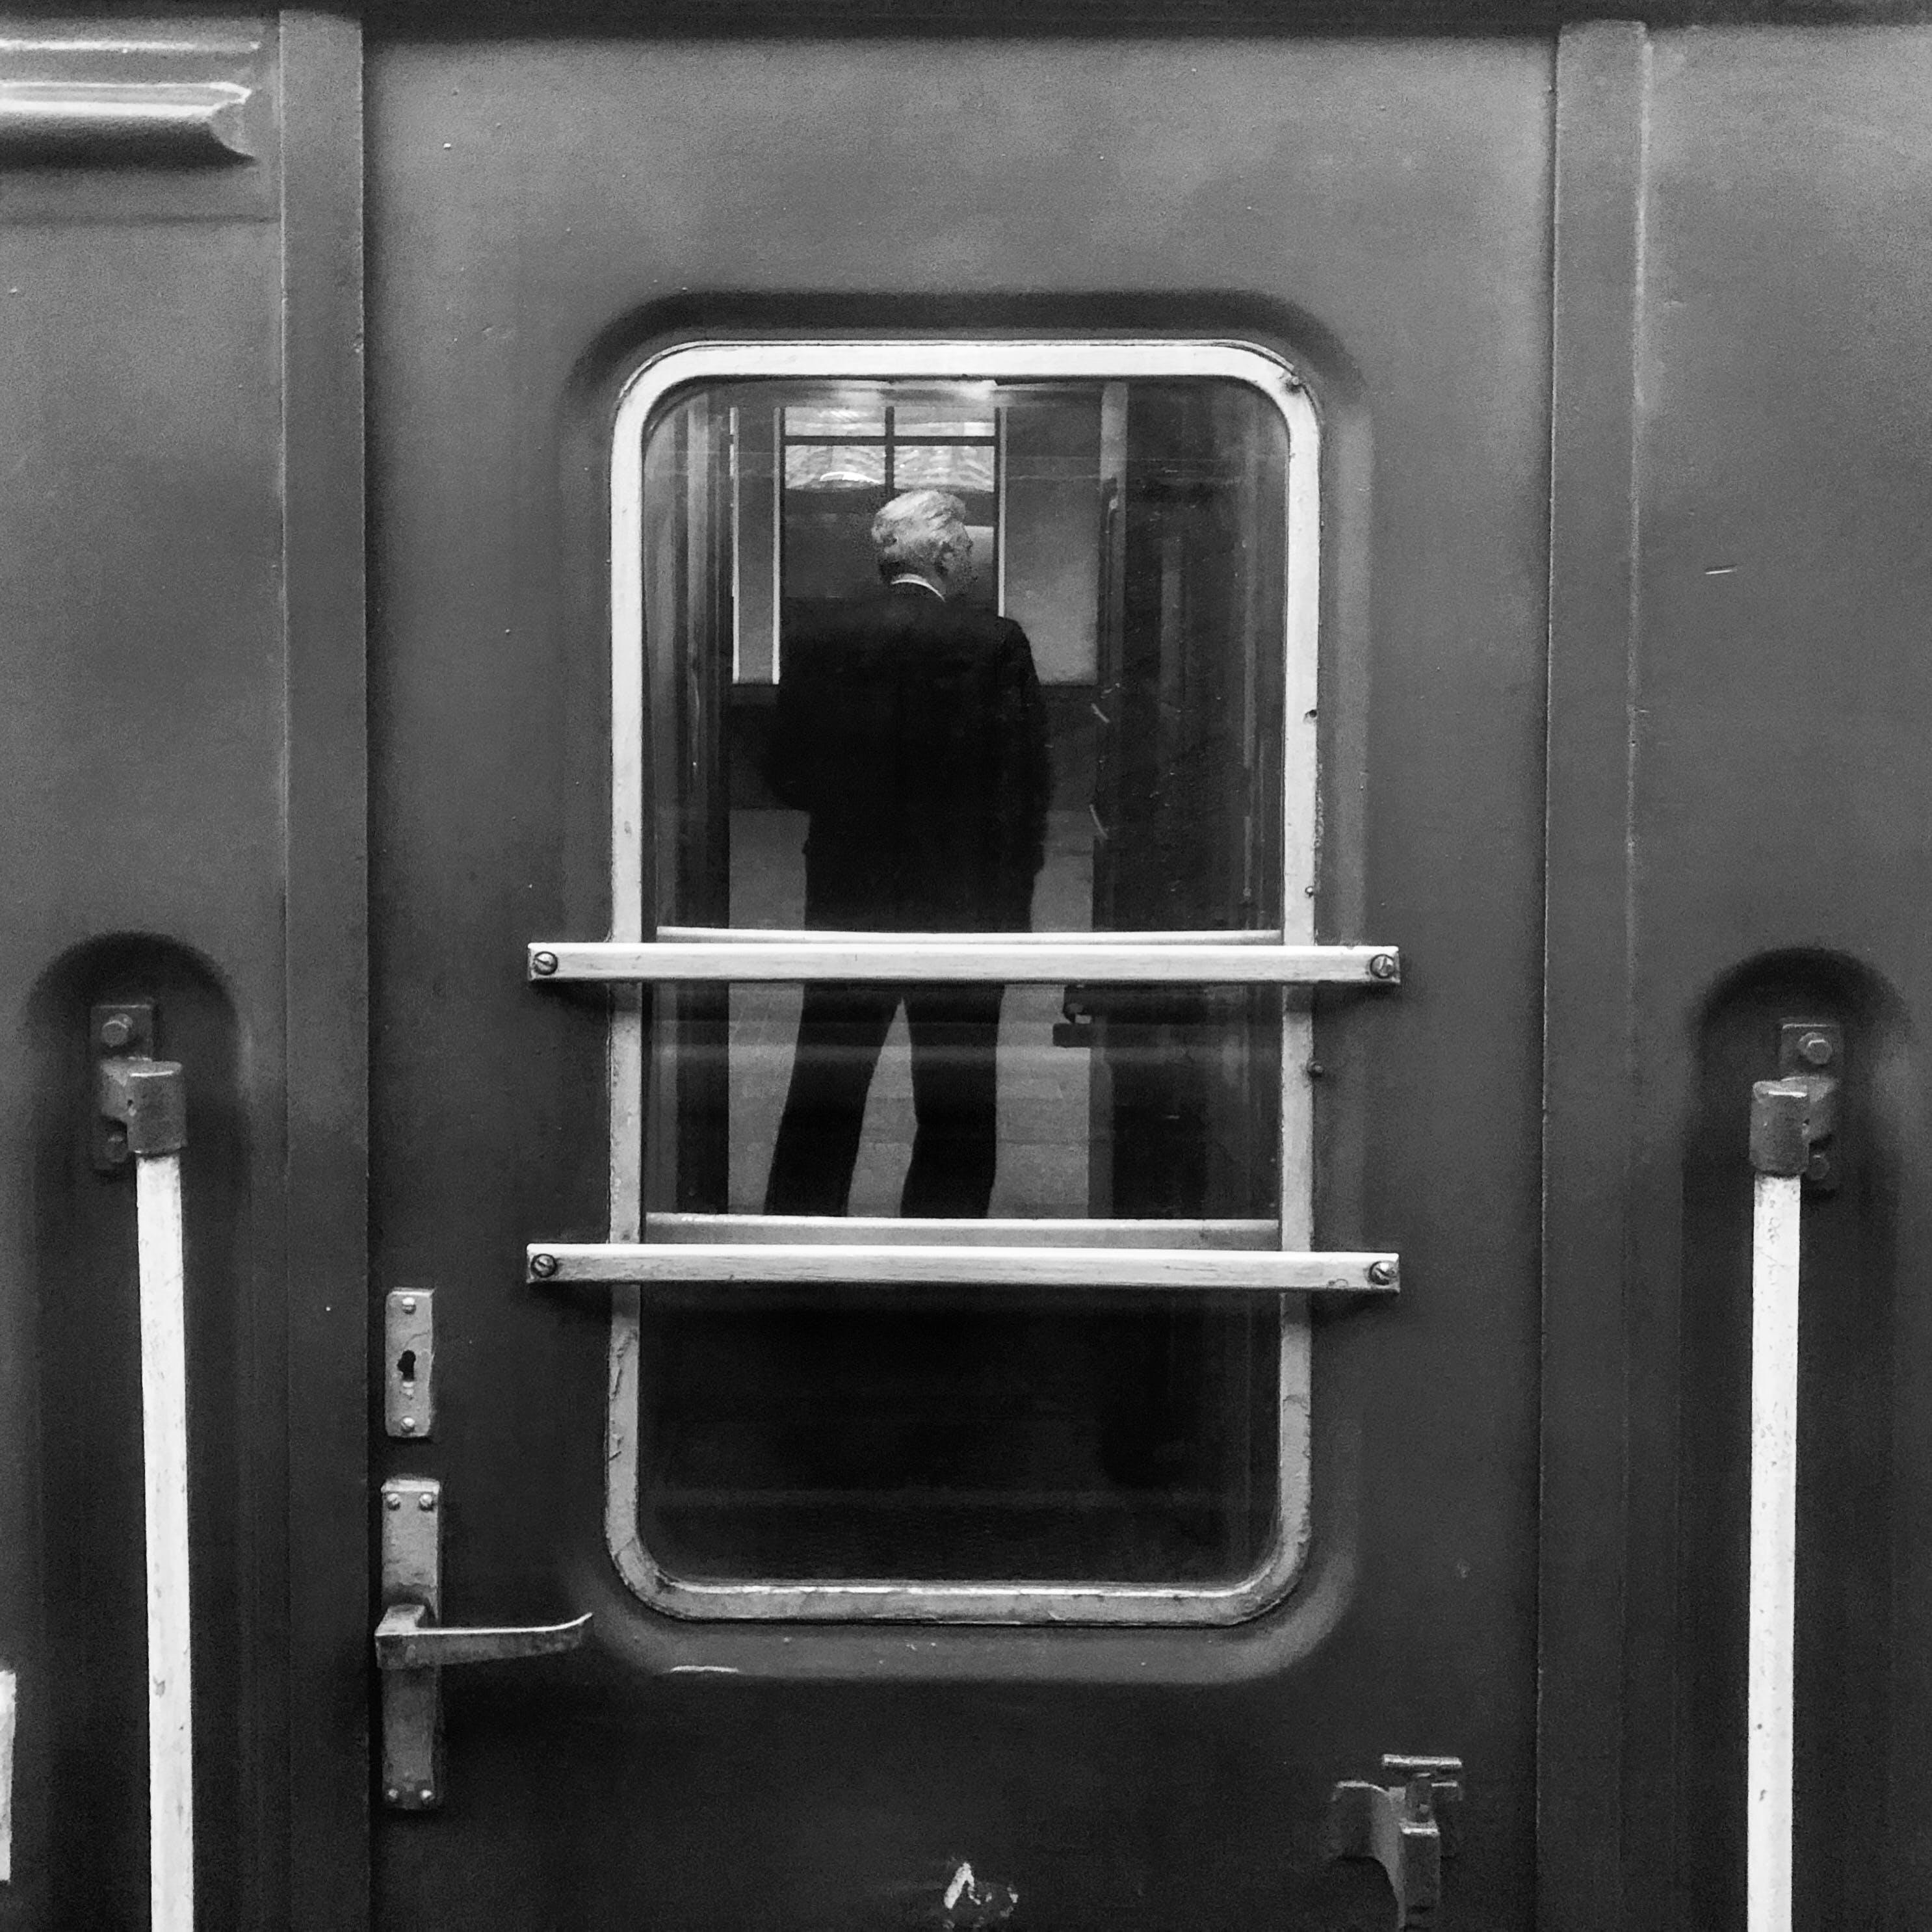 Δωρεάν στοκ φωτογραφιών με άνθρωπος, αντανάκλαση, ασπρόμαυρο, ατμομηχανή